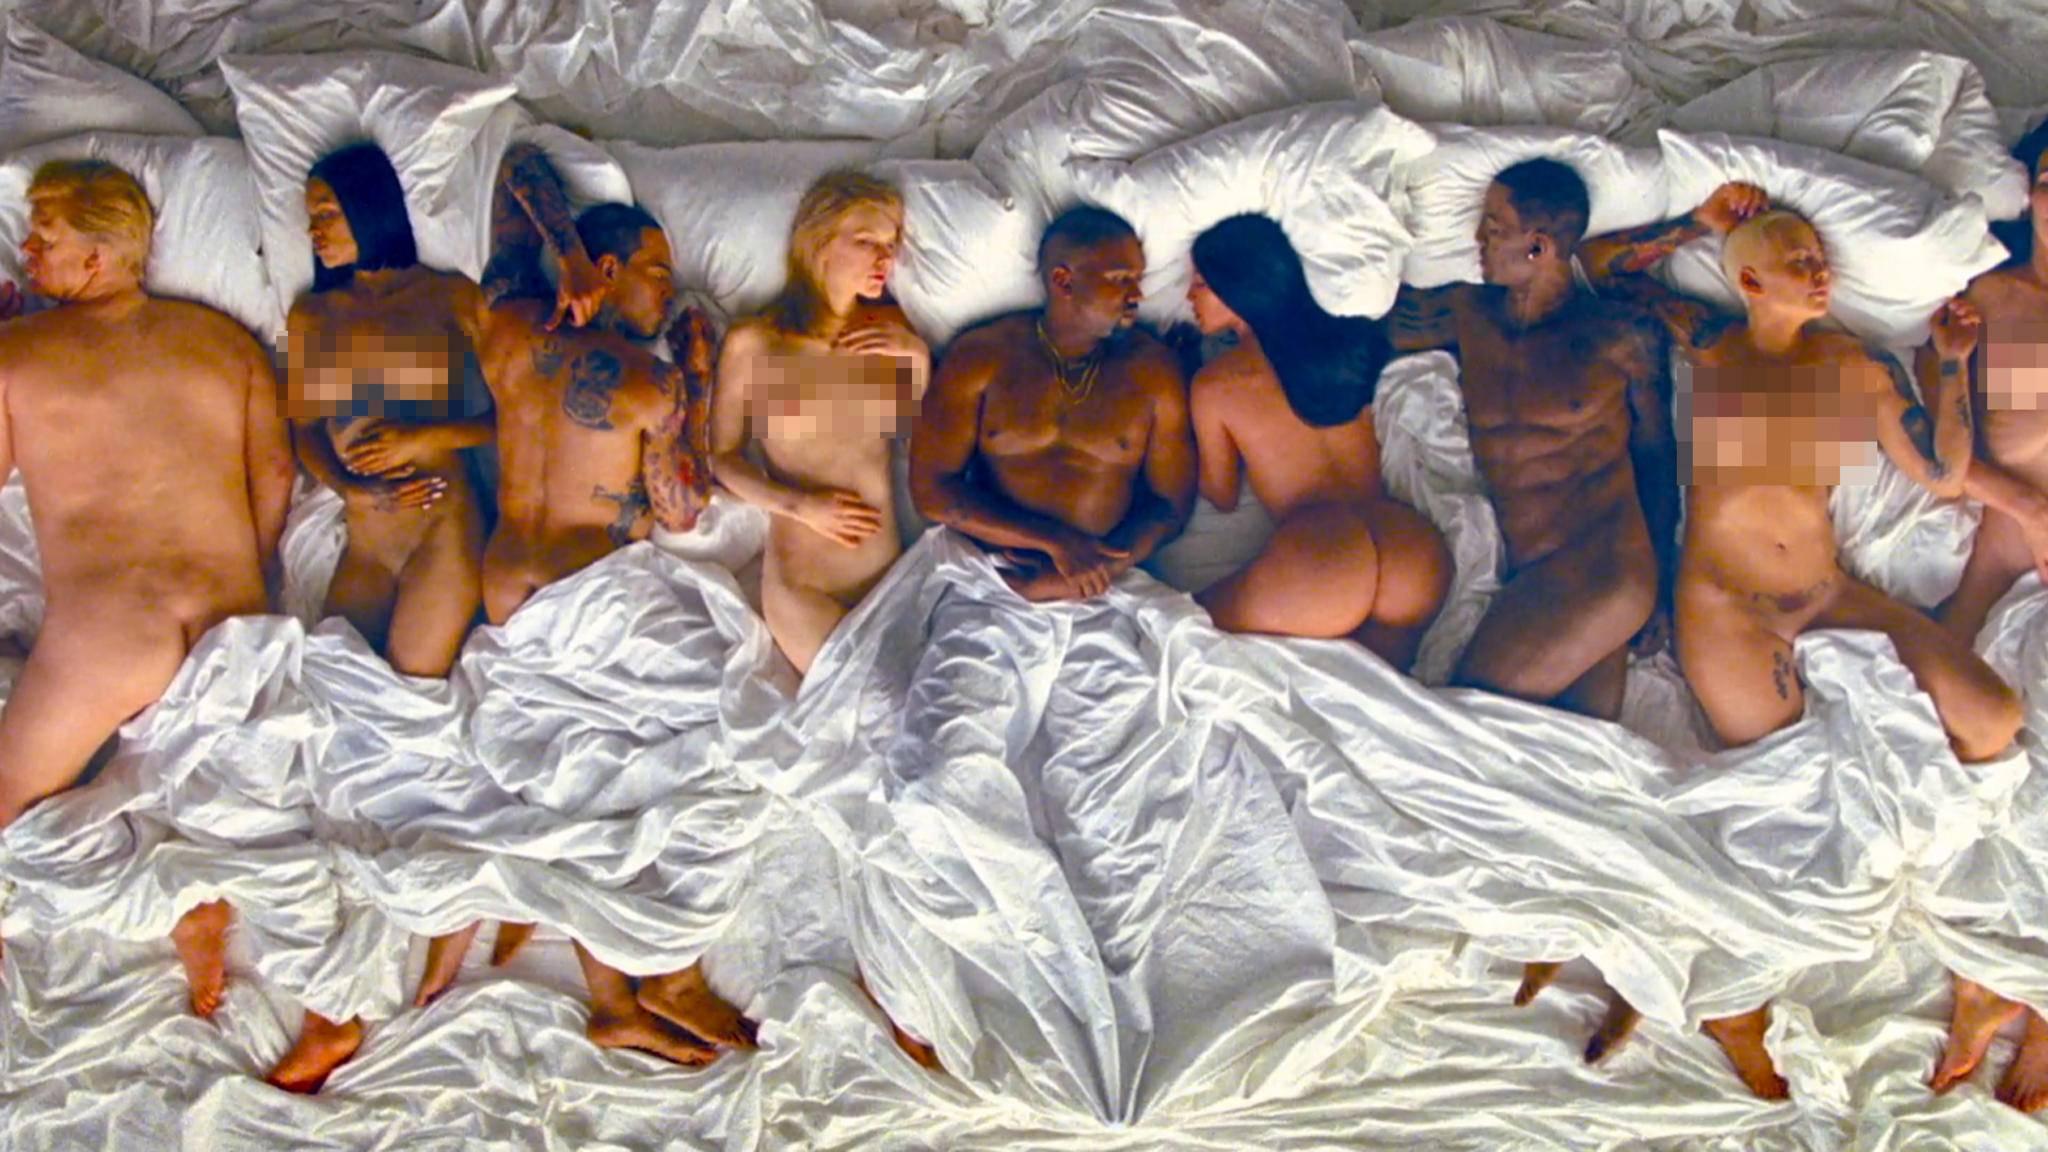 """Ein kurzer Einblick in das Musikvideo zu """"Famous"""" von Kanye West zeigt: Es ist Provokation pur!"""